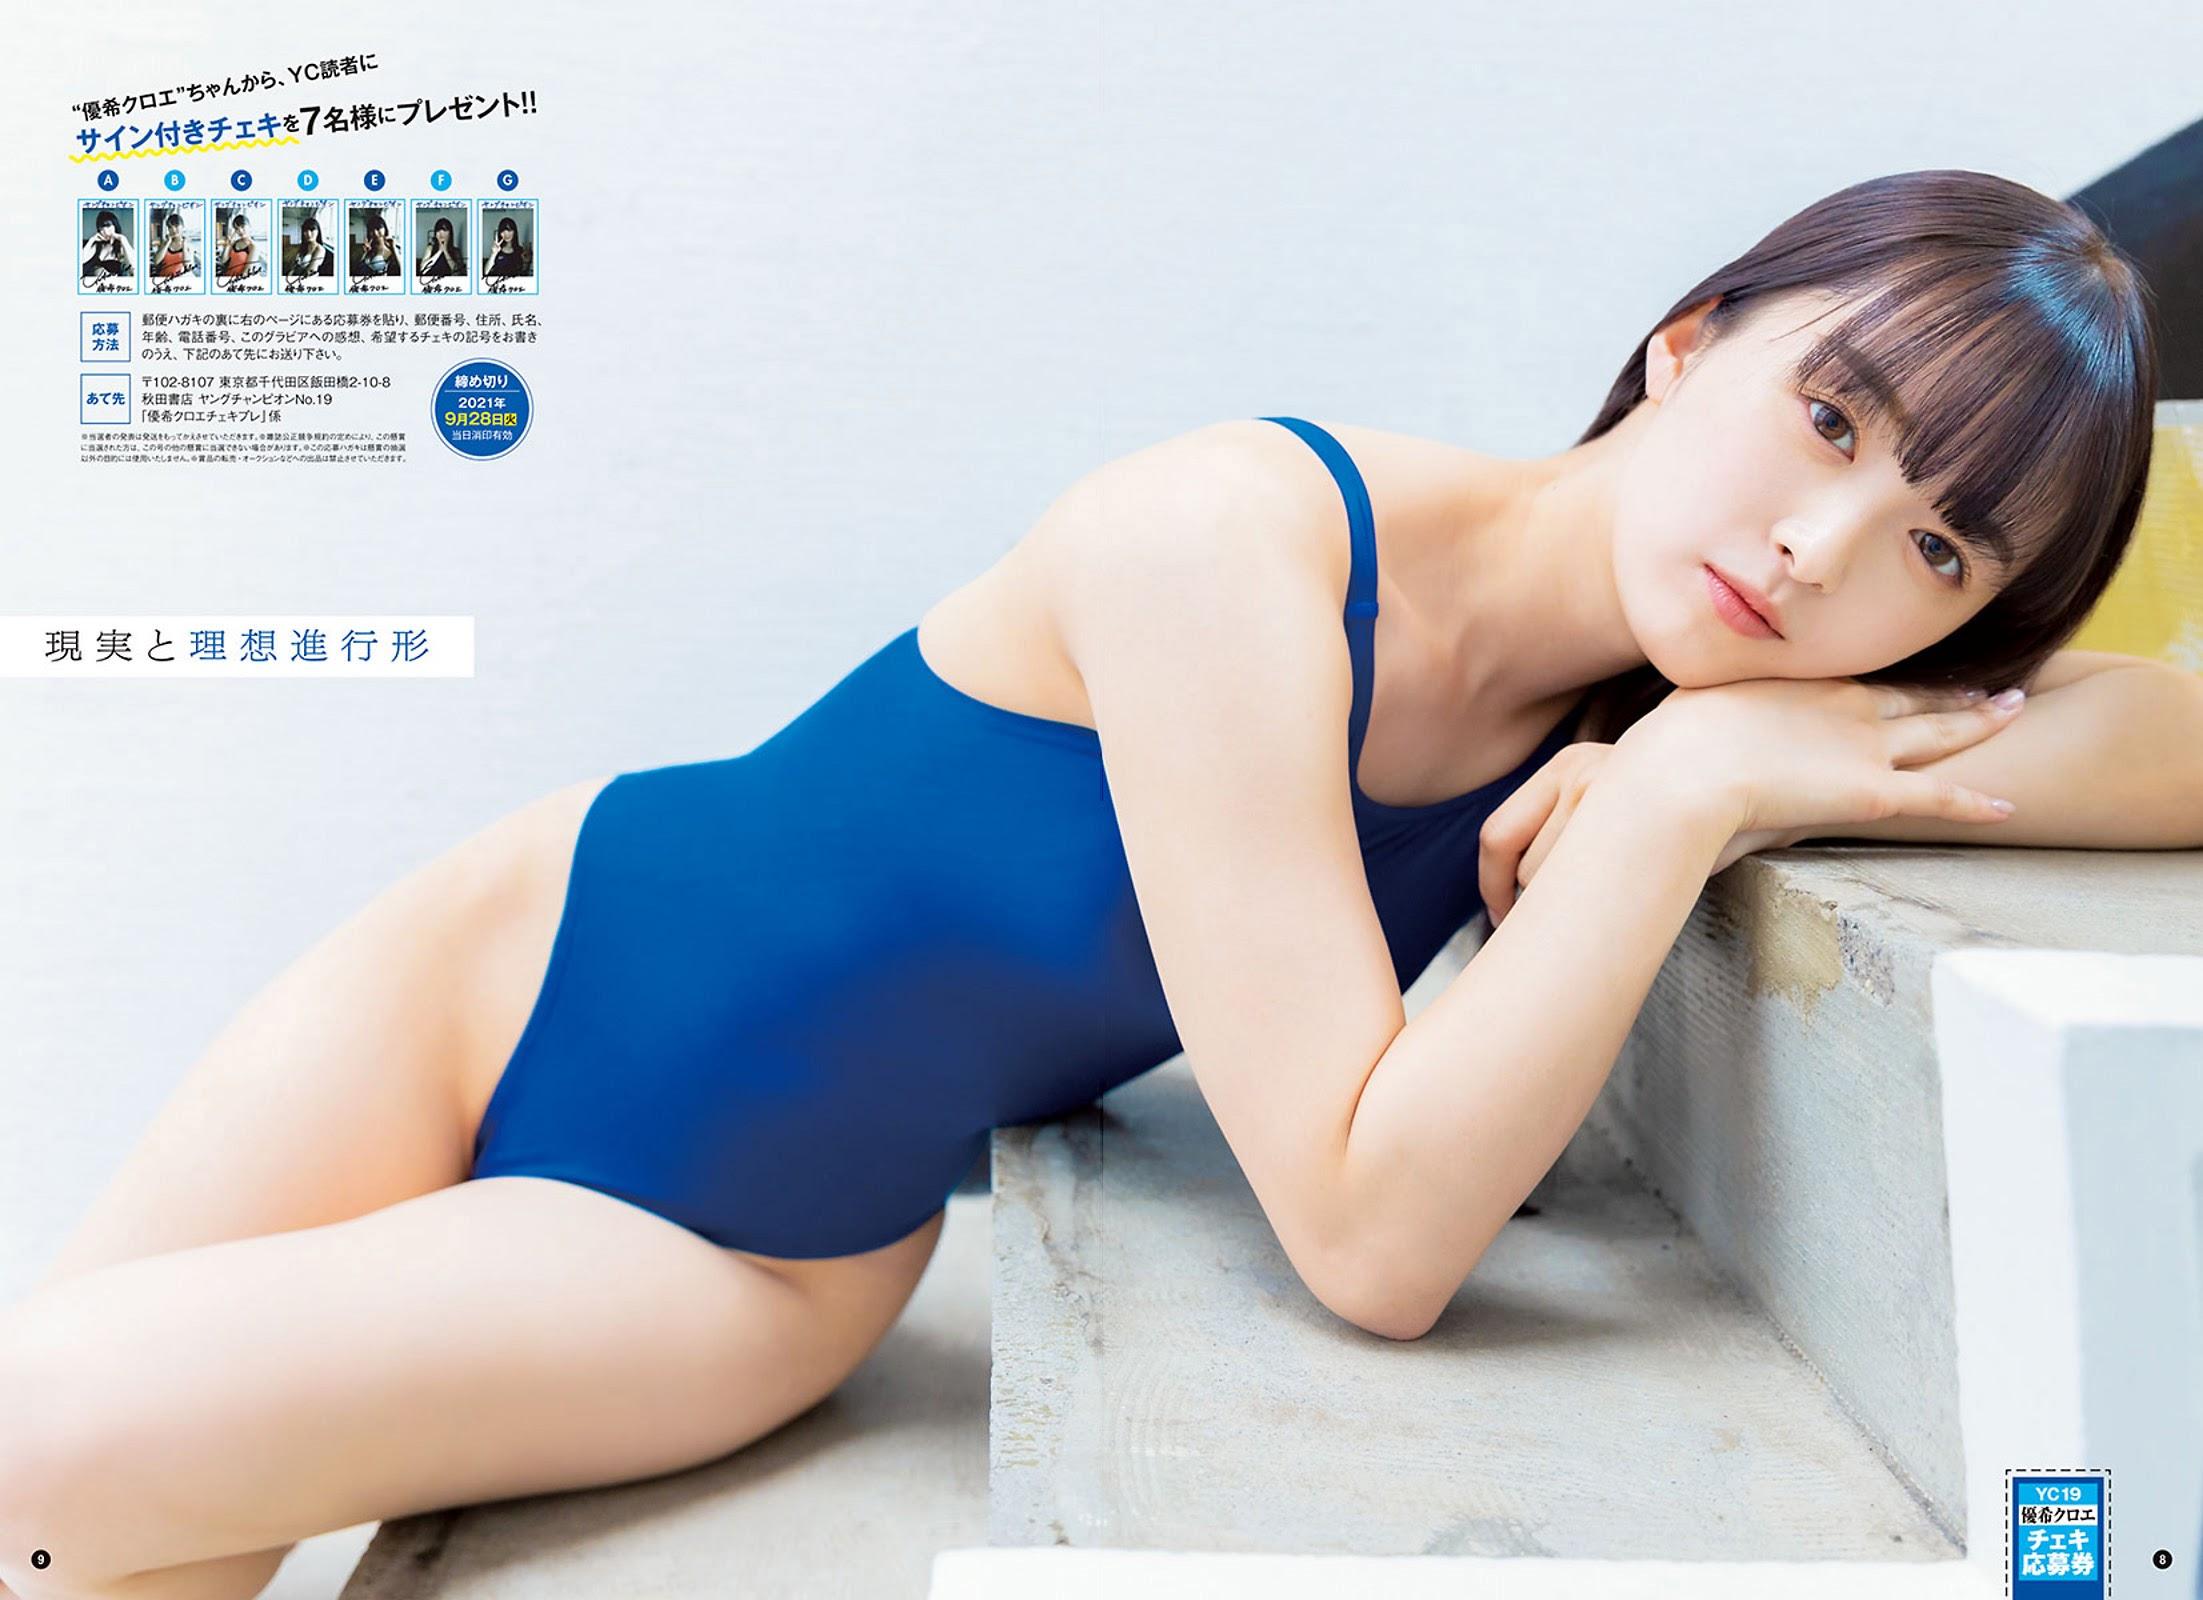 优希クロエ 宫崎あみさ 伊织萌-Young Champion 2021年第十九期